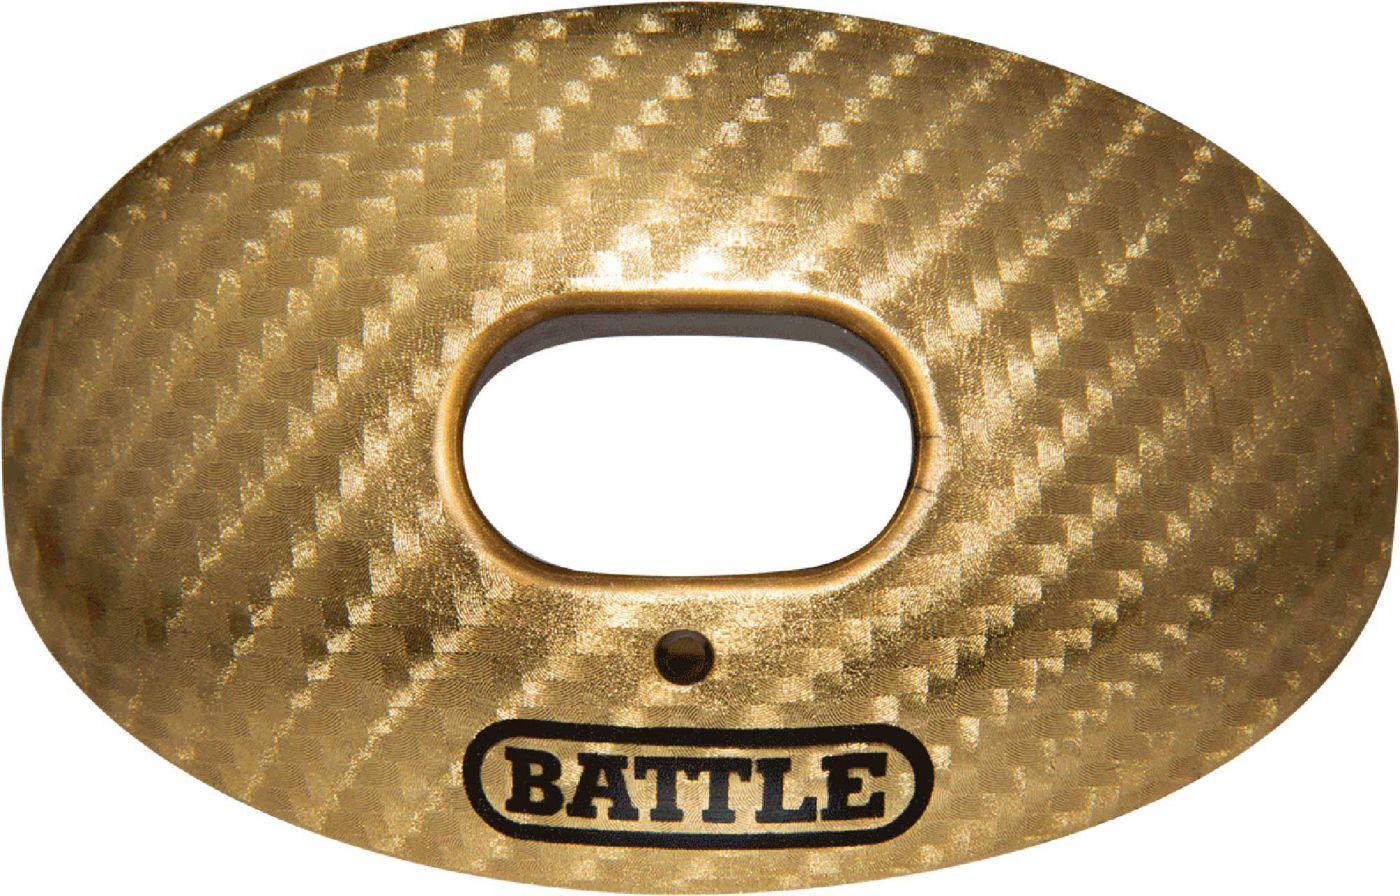 Battle Oxygen Carbon Chrome Oxygen Lip Guard Mouthguard